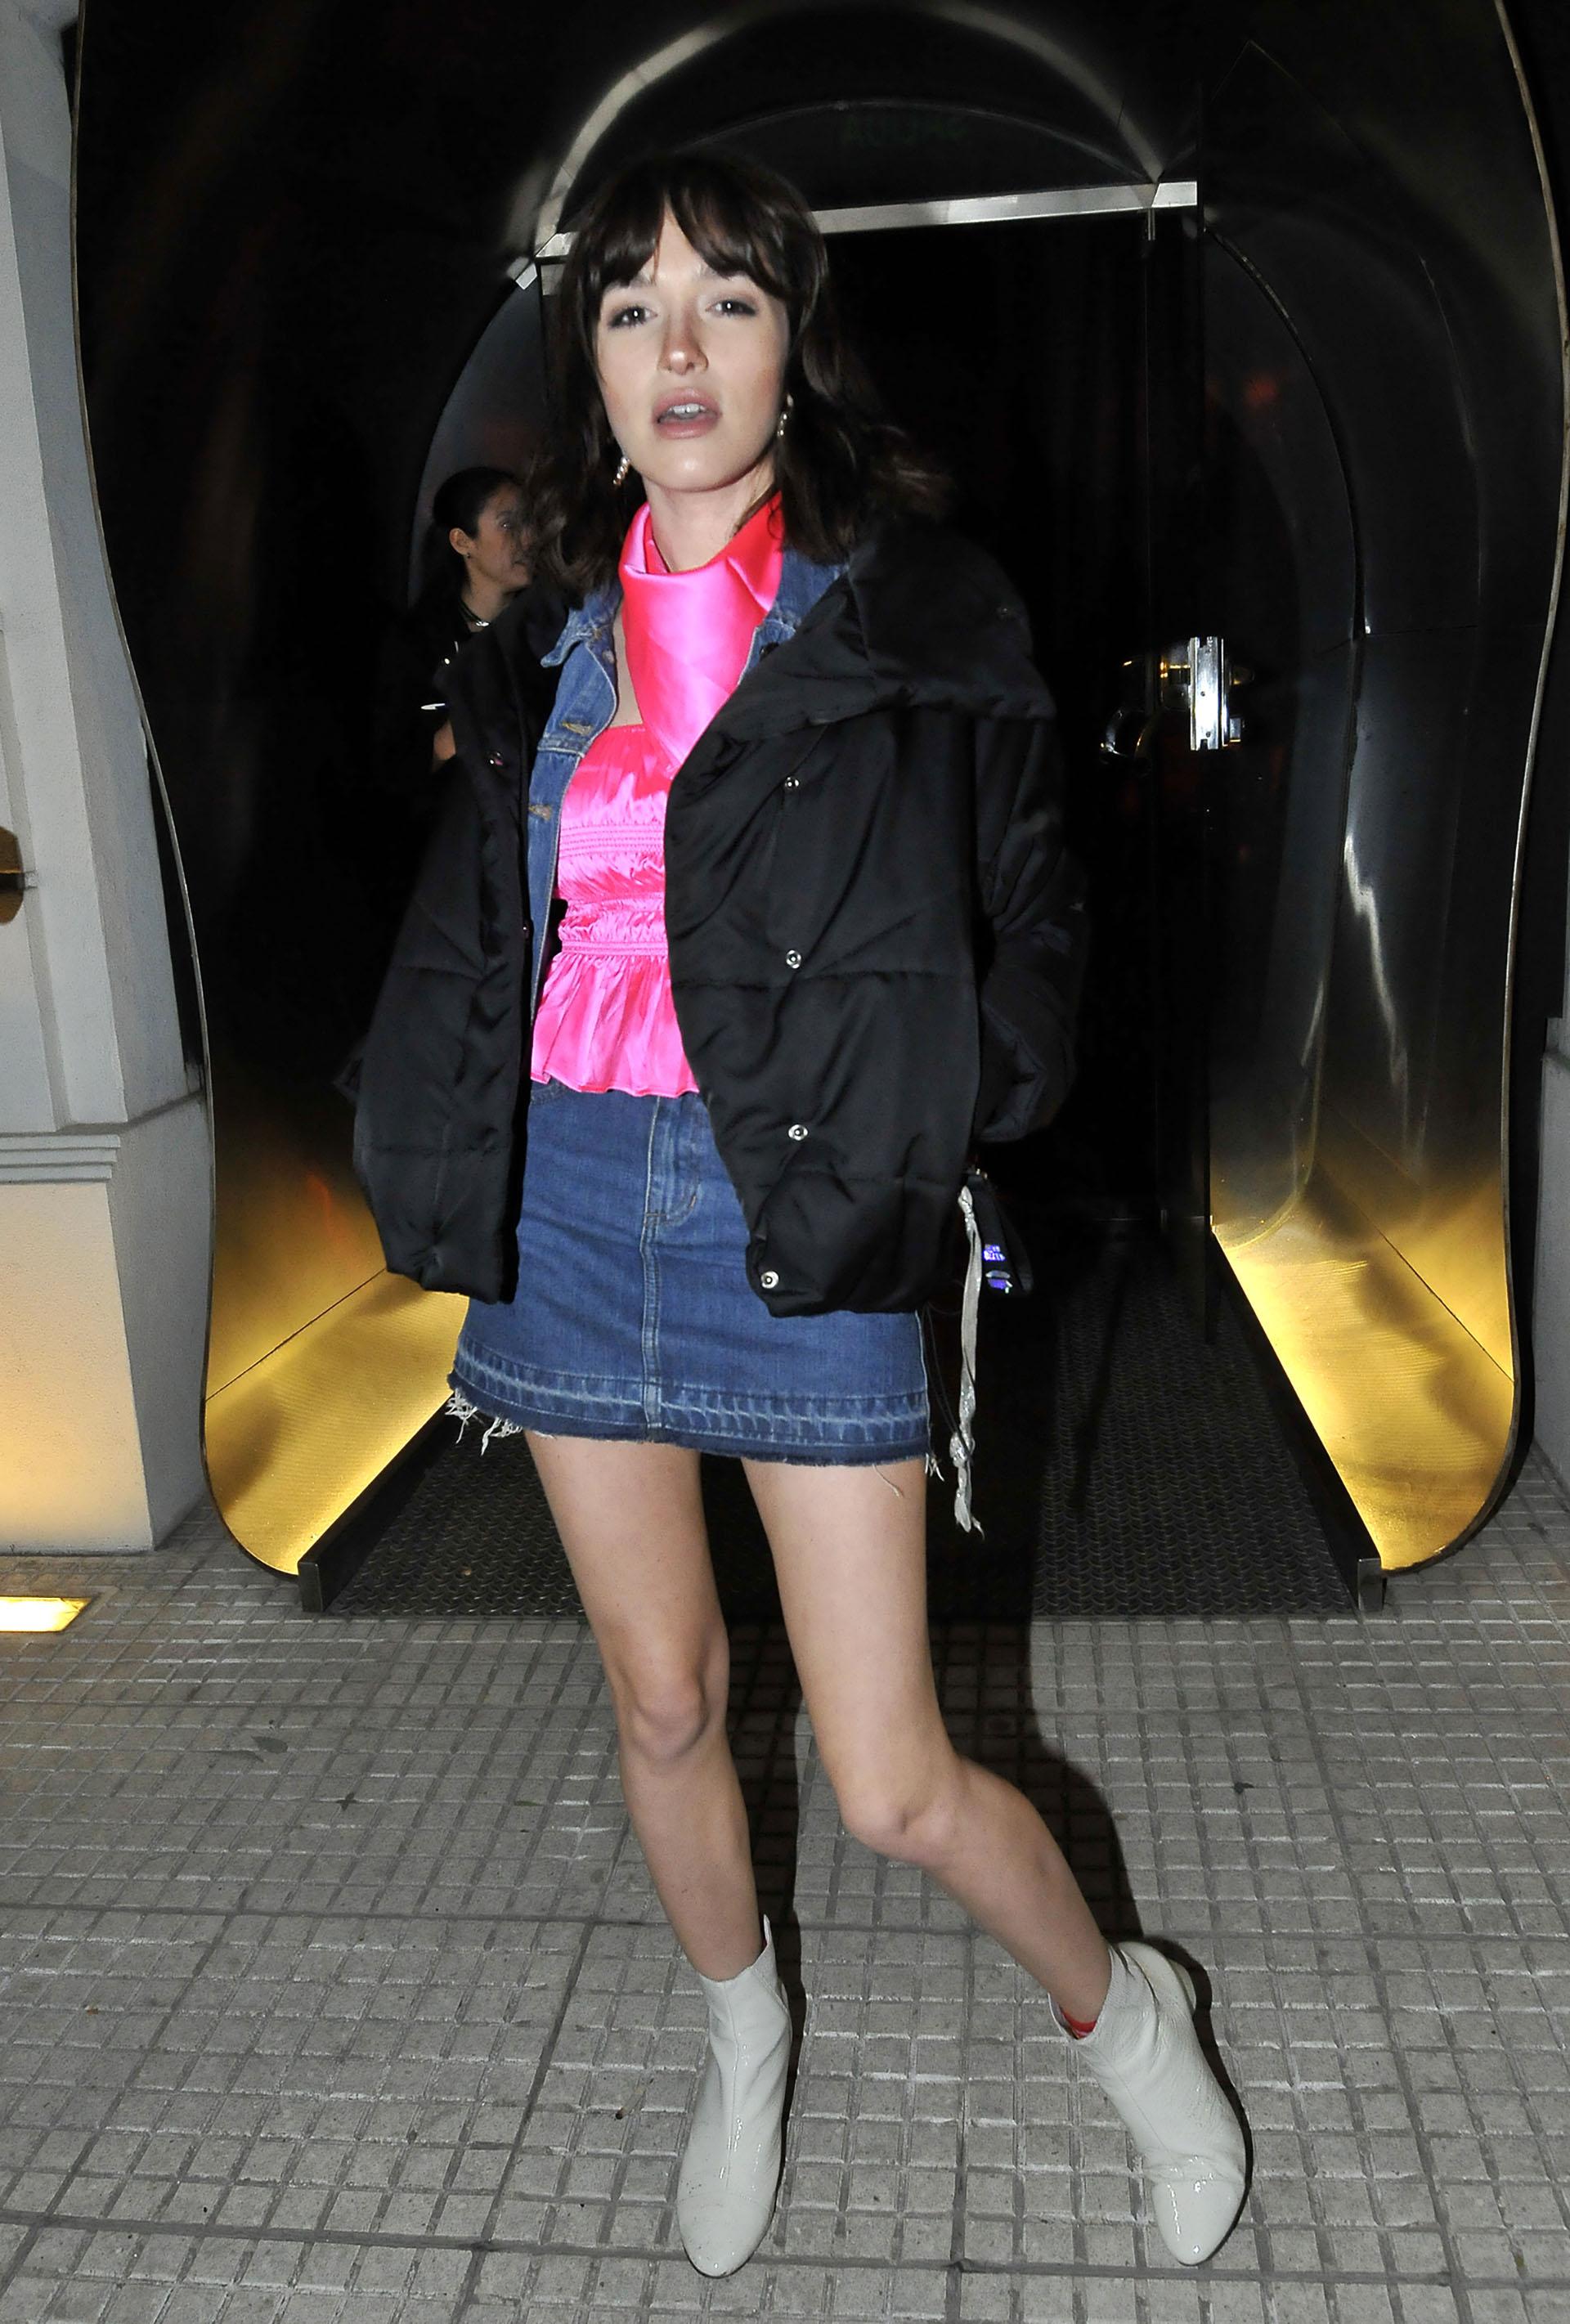 Cande Vetrano eligió un look más primaveral: top fucsia, mini falda de jean y botitas blancas